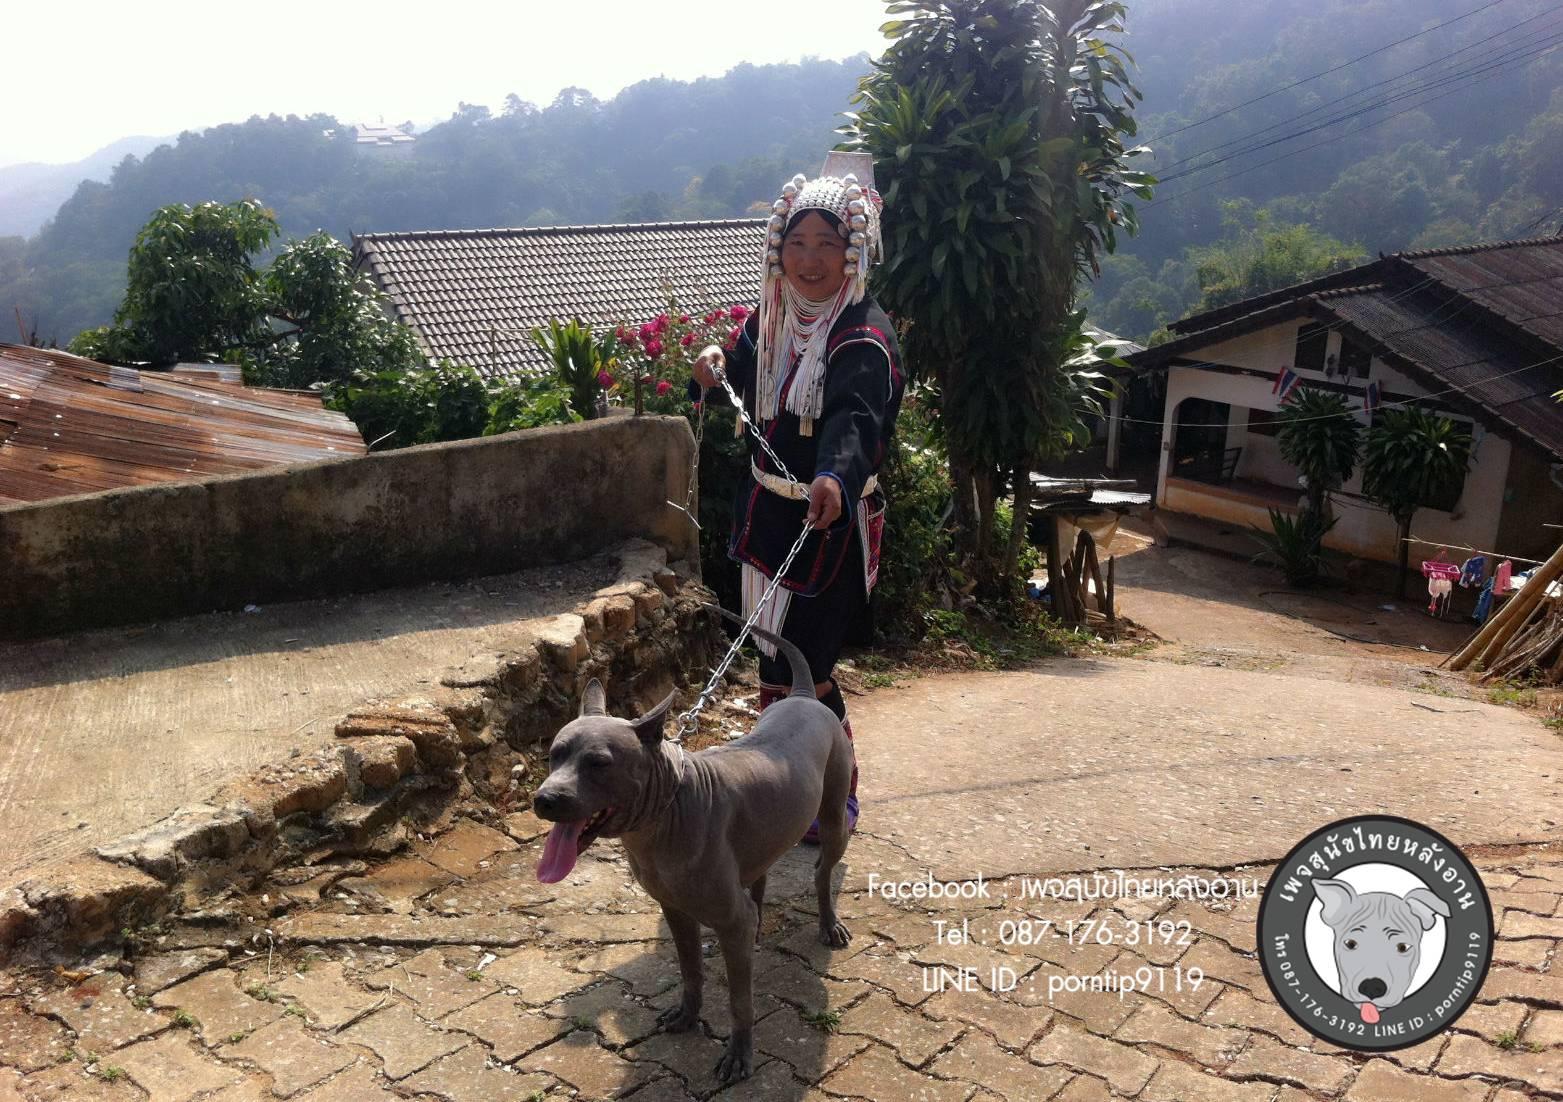 สุนัขไทยหลังอาน ขายสุนัขไทยหลังอาน   ลูกสุนัขไทยหลังอาน พ่อพันธุ์แม่พันธุ์IMG_4813_webcamera360_20150123165001